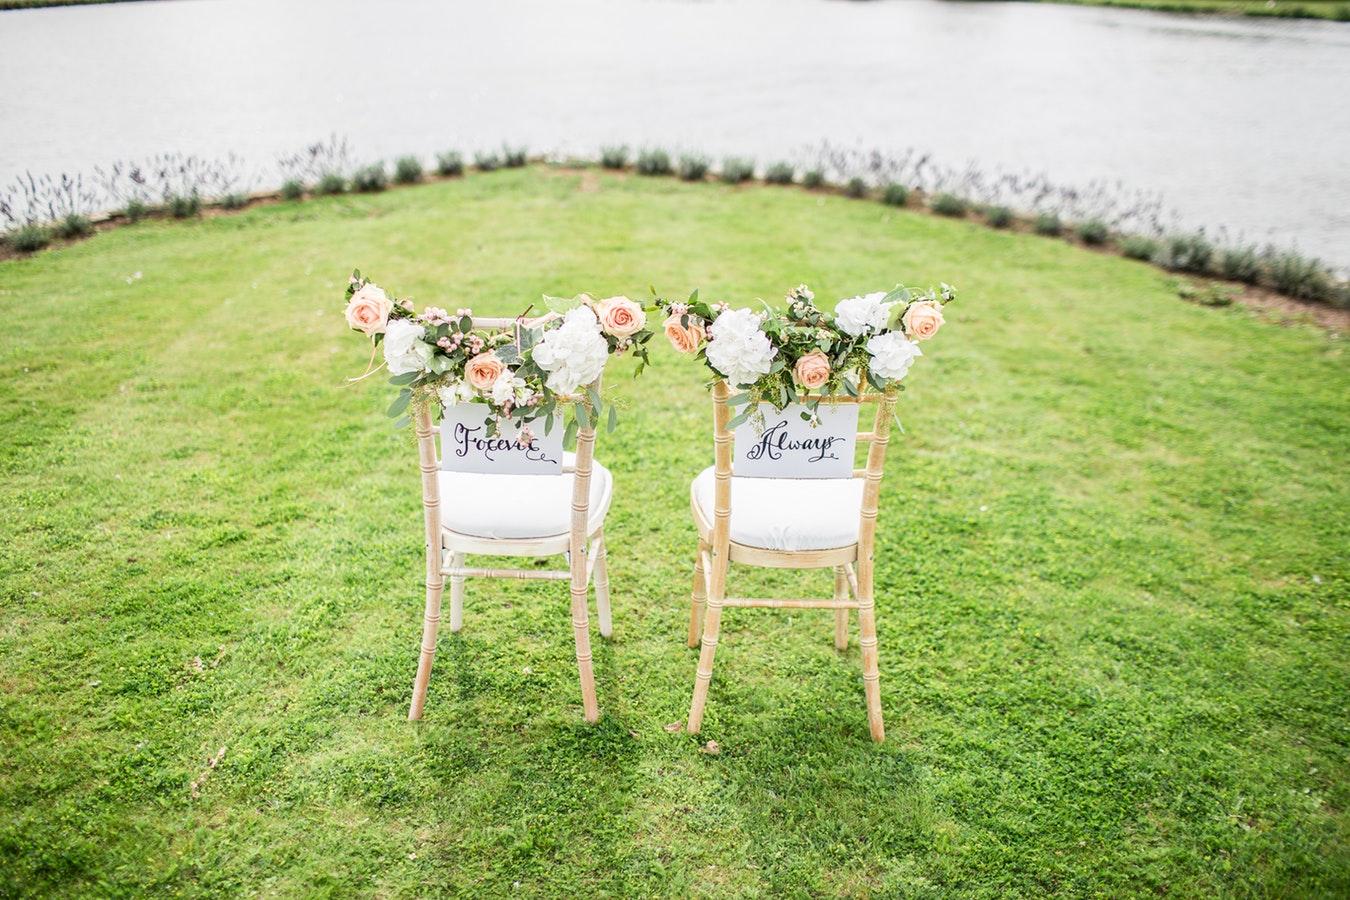 Matrimonio in primavera: i fiori e gli addobbi più belli per questa stagione [FOTO]